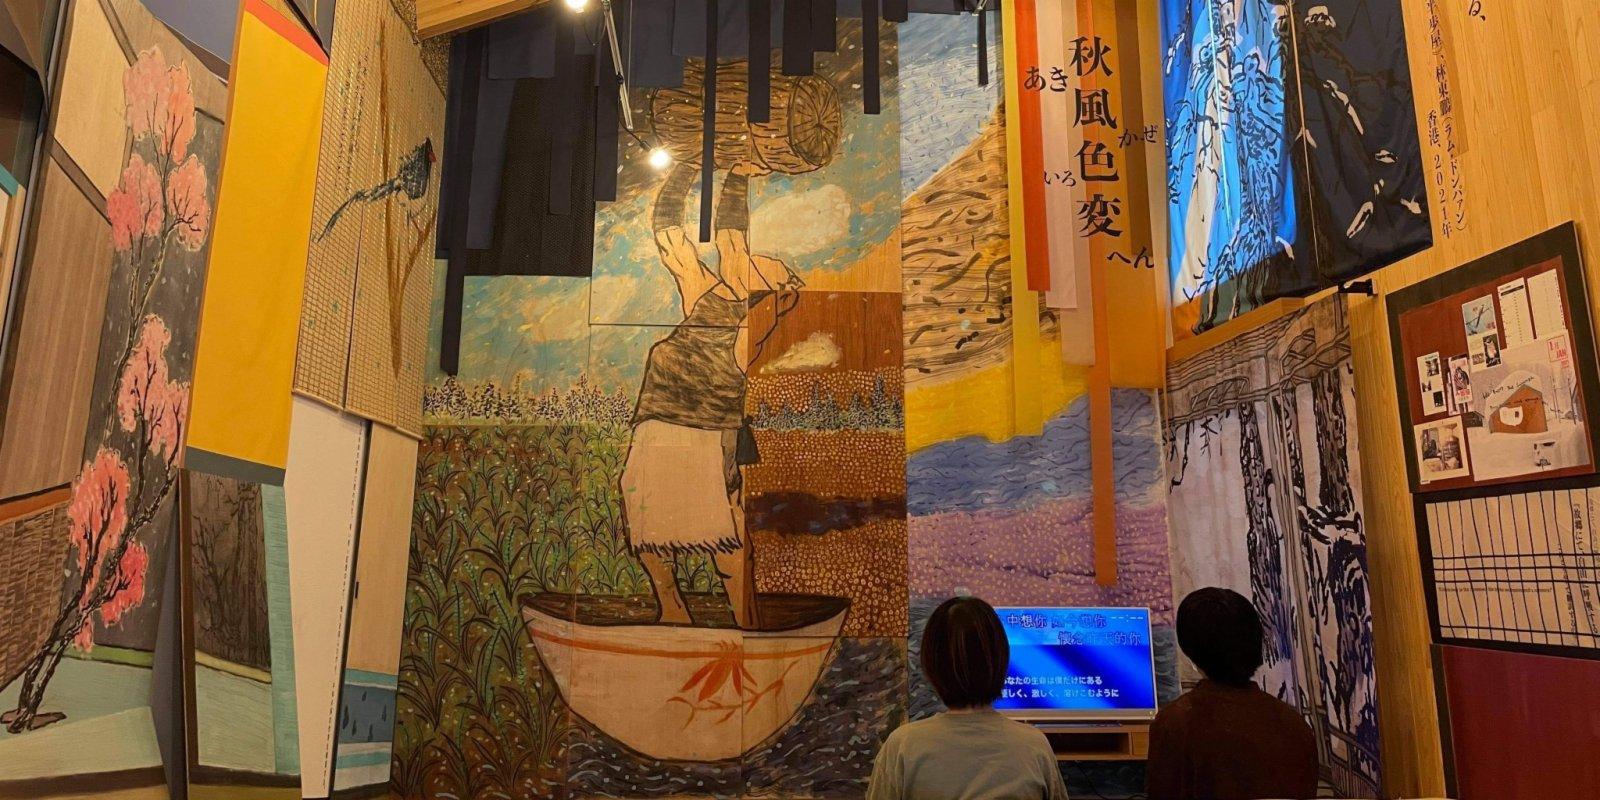 港日合辦全球最大戶外藝術節 藝術家遙距創造《半步屋》